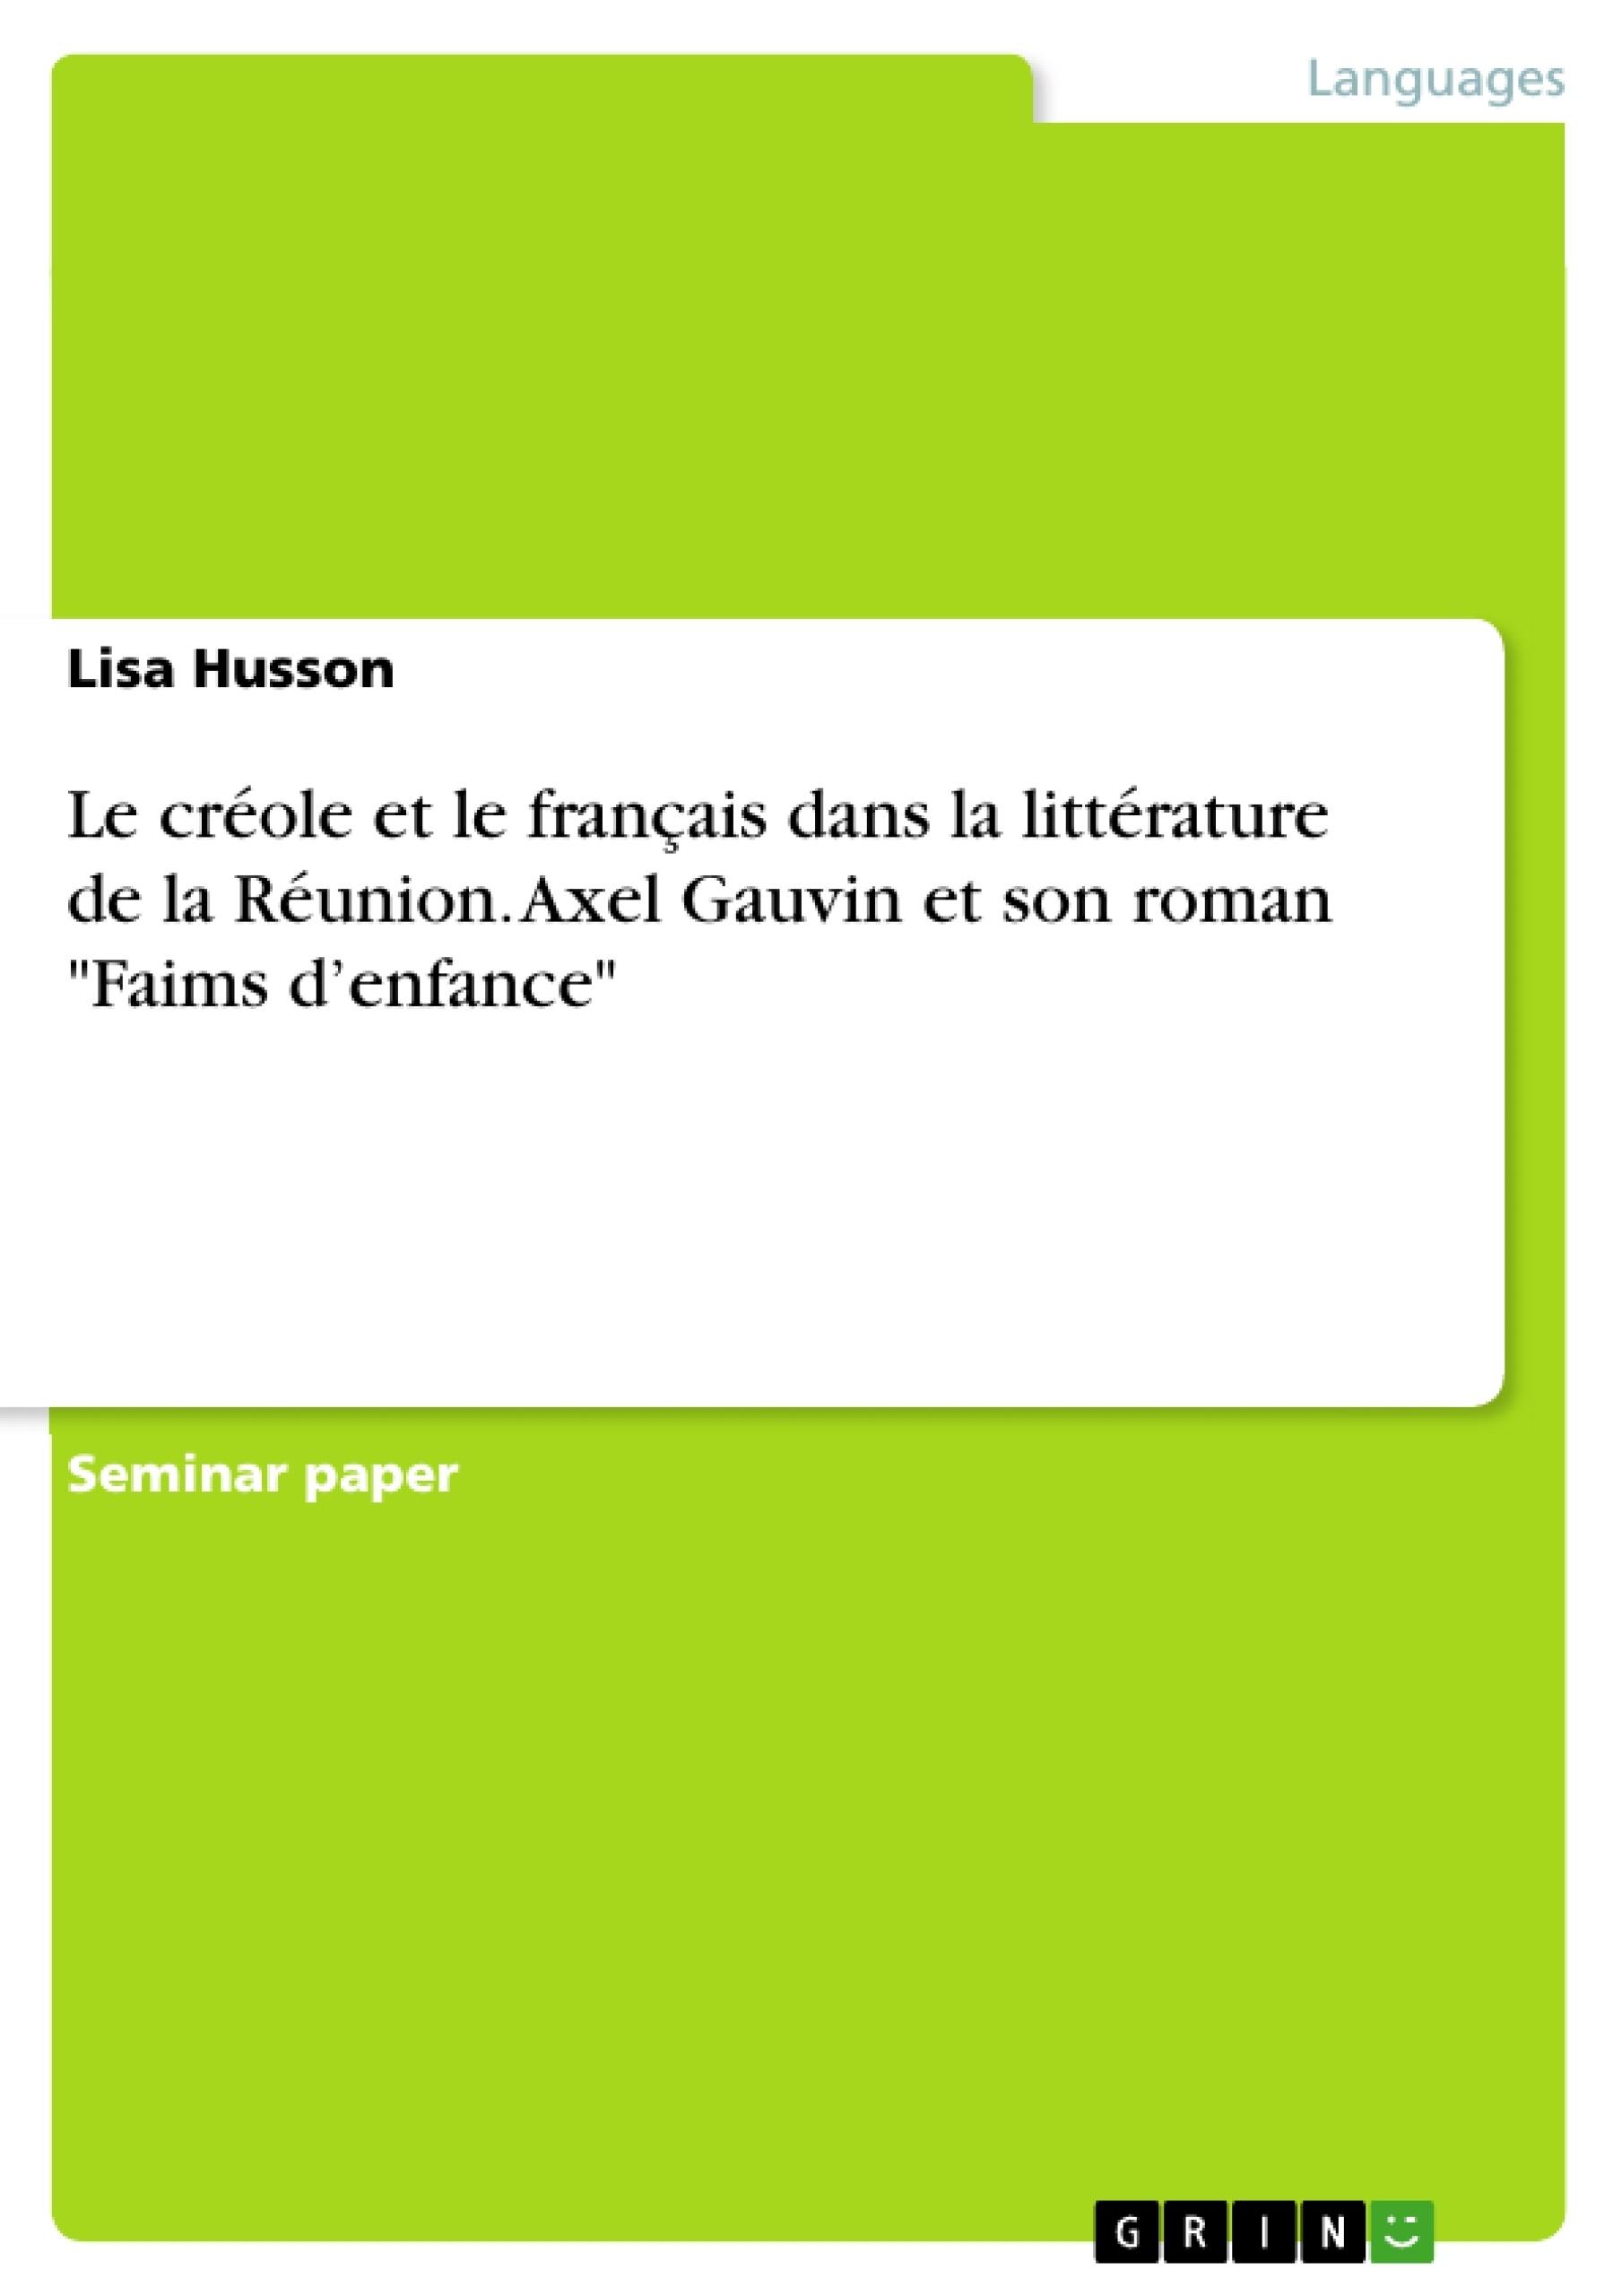 """Titre: Le créole et le français dans la littérature de la Réunion. Axel Gauvin et son roman """"Faims d'enfance"""""""